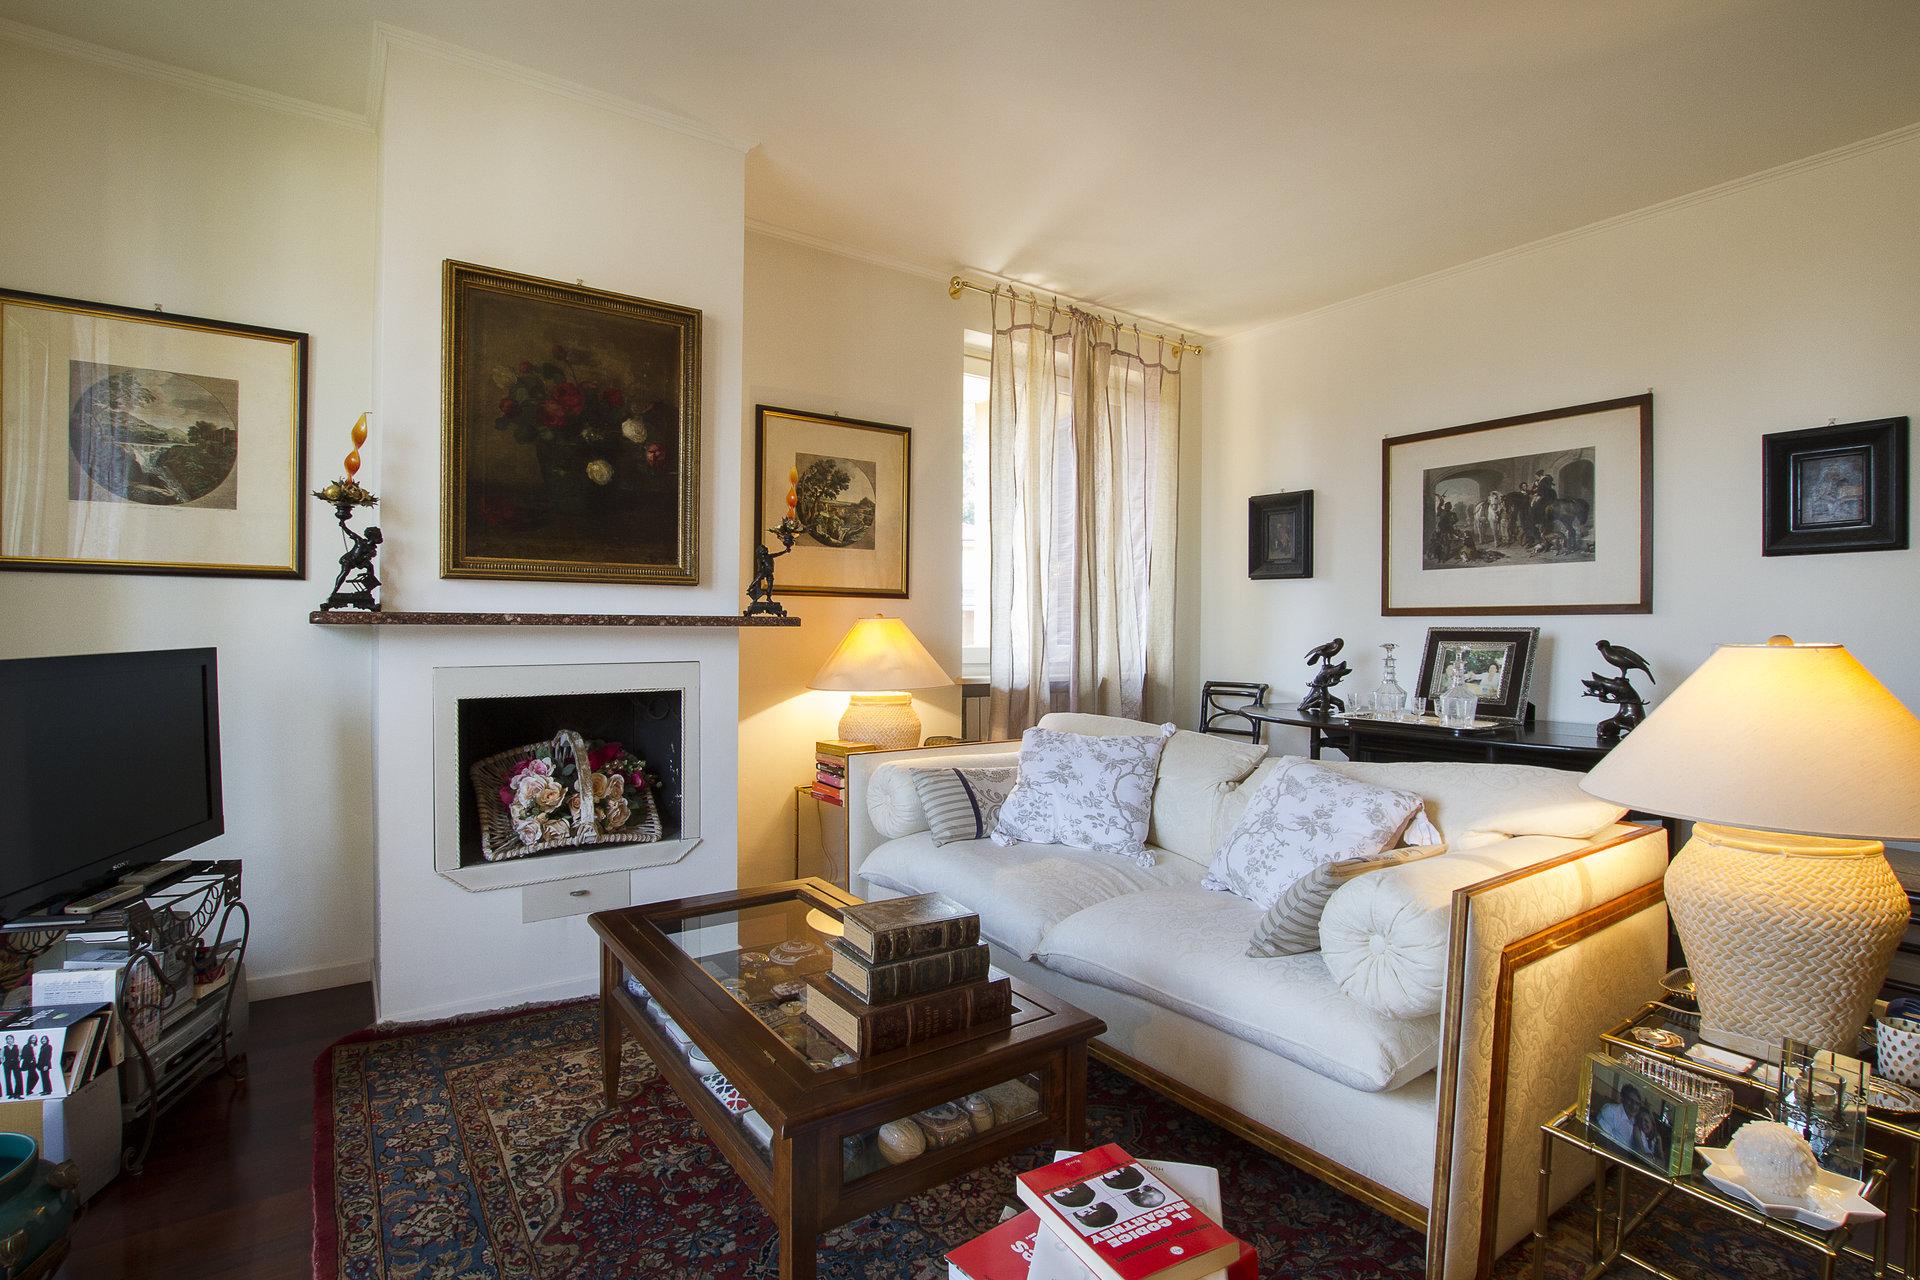 Appartamento ristrutturato in vendita nel centro di Stresa